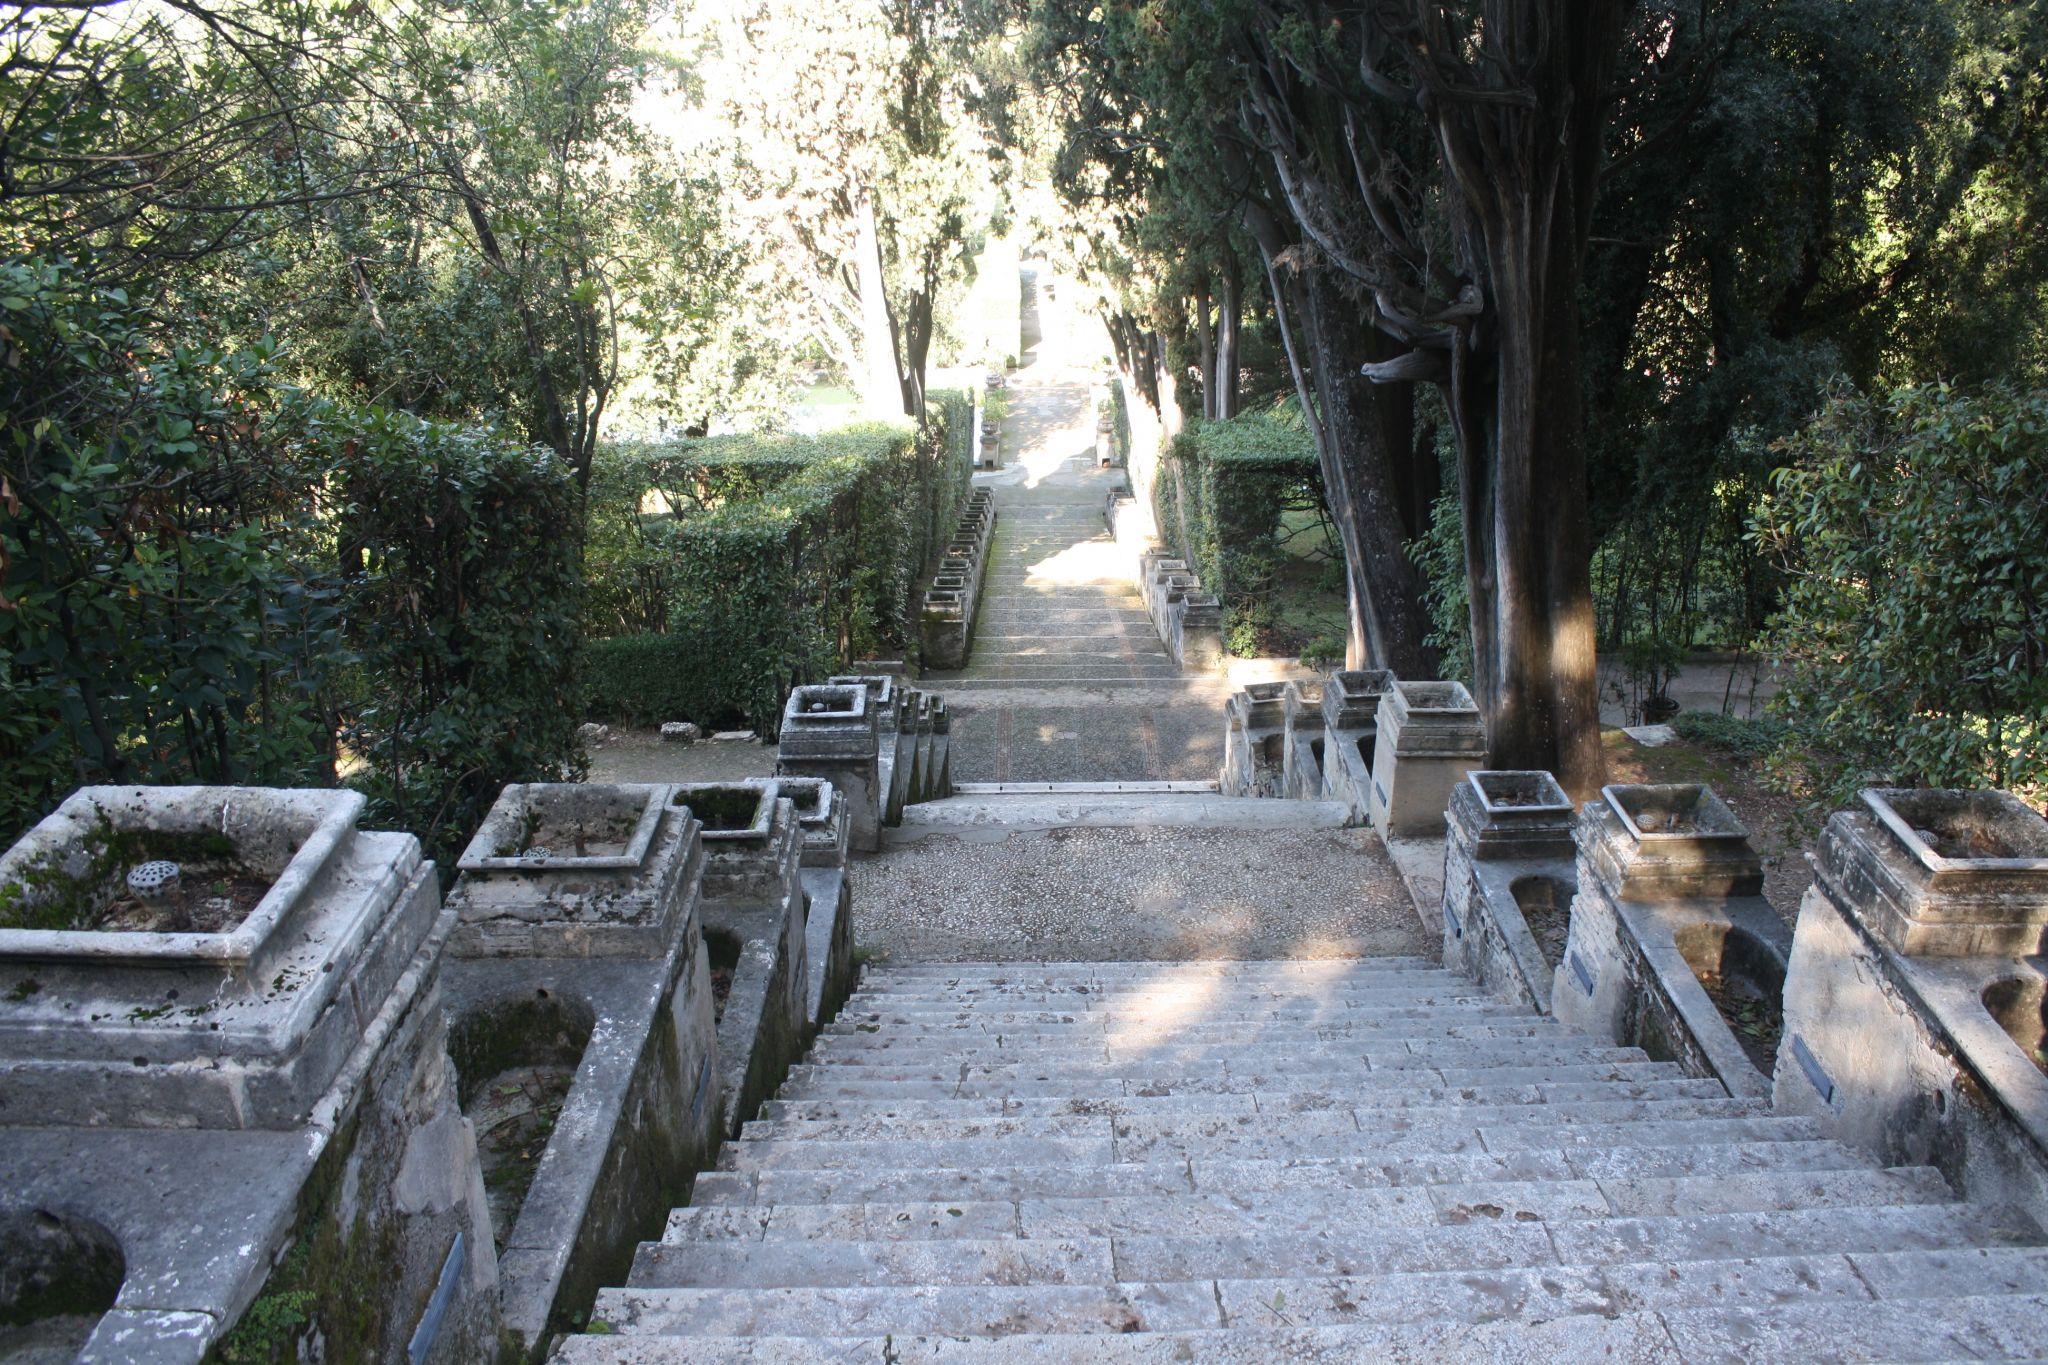 d'este, Villa D'este, Violet Glenton, Rome, Travel, Travelblogger